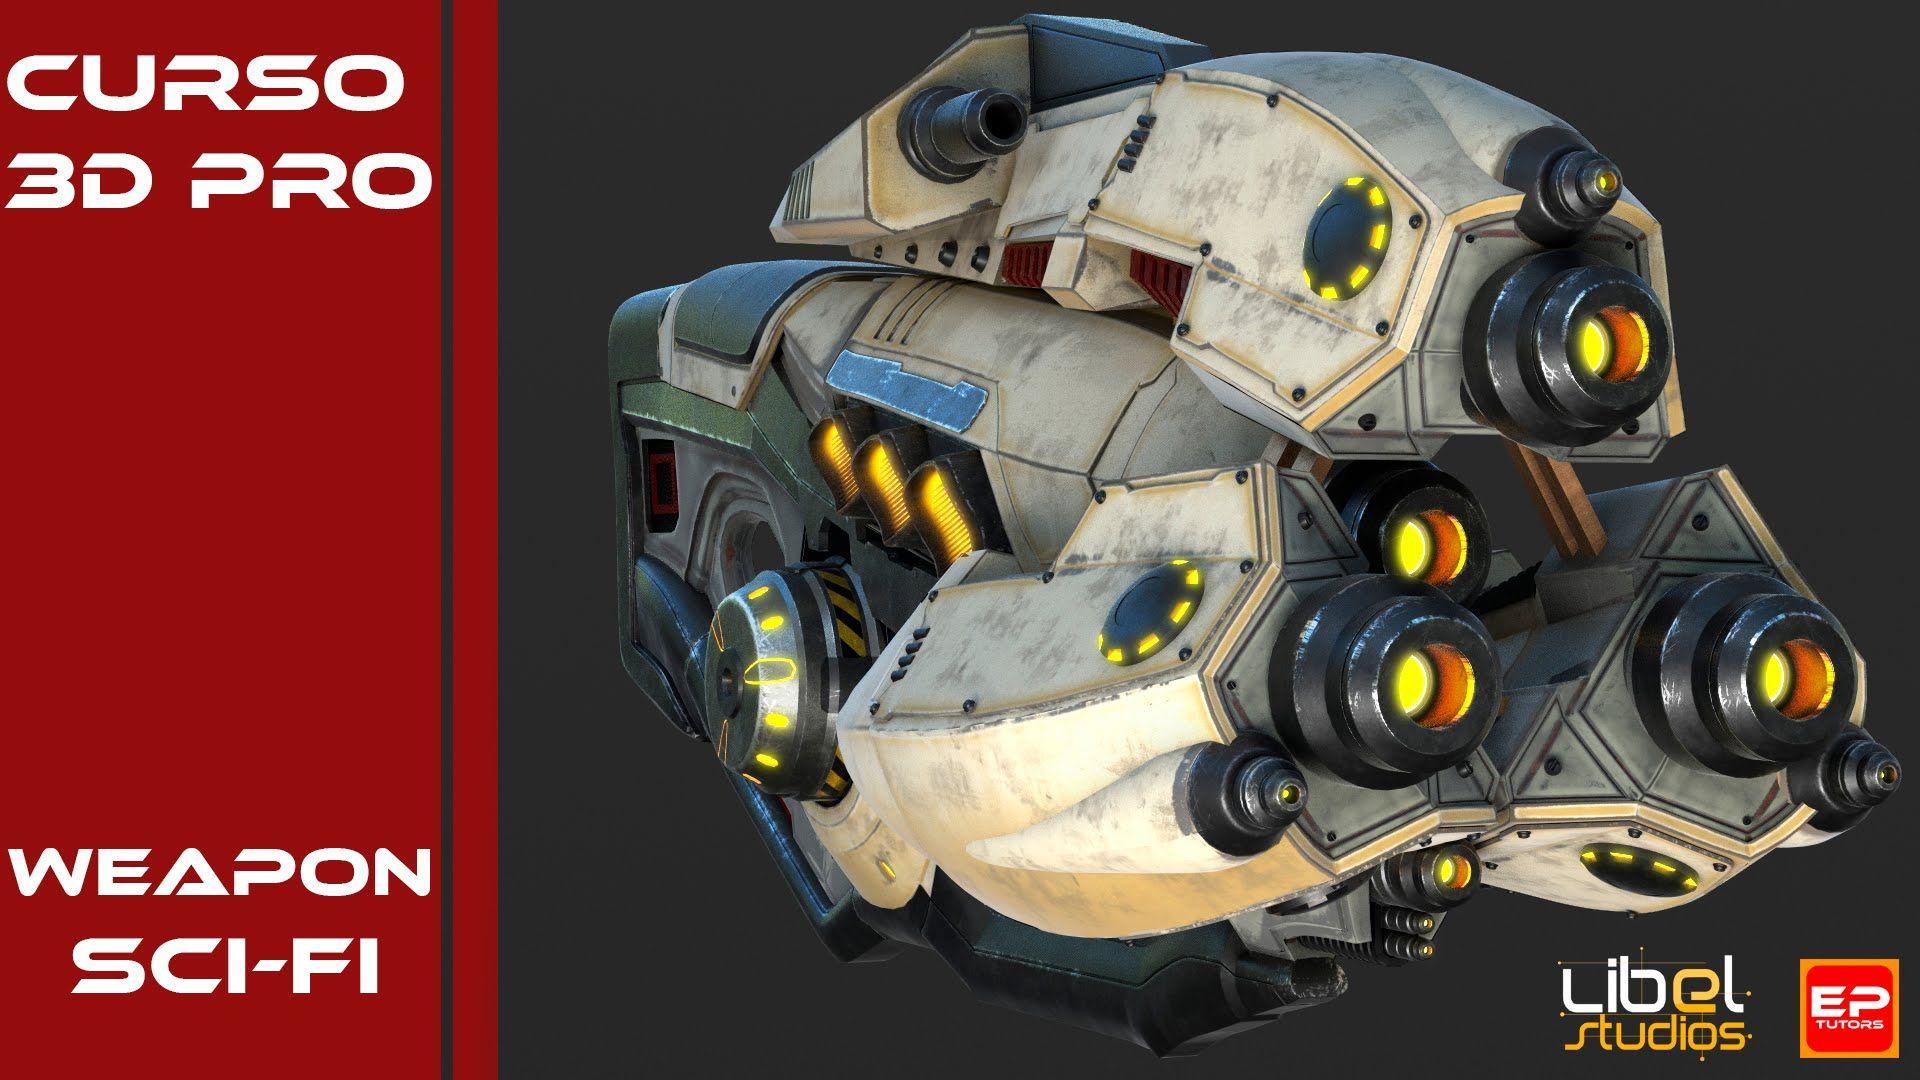 Curso Pro Modelado Weapon Sci Fi Modelos Curso 3d